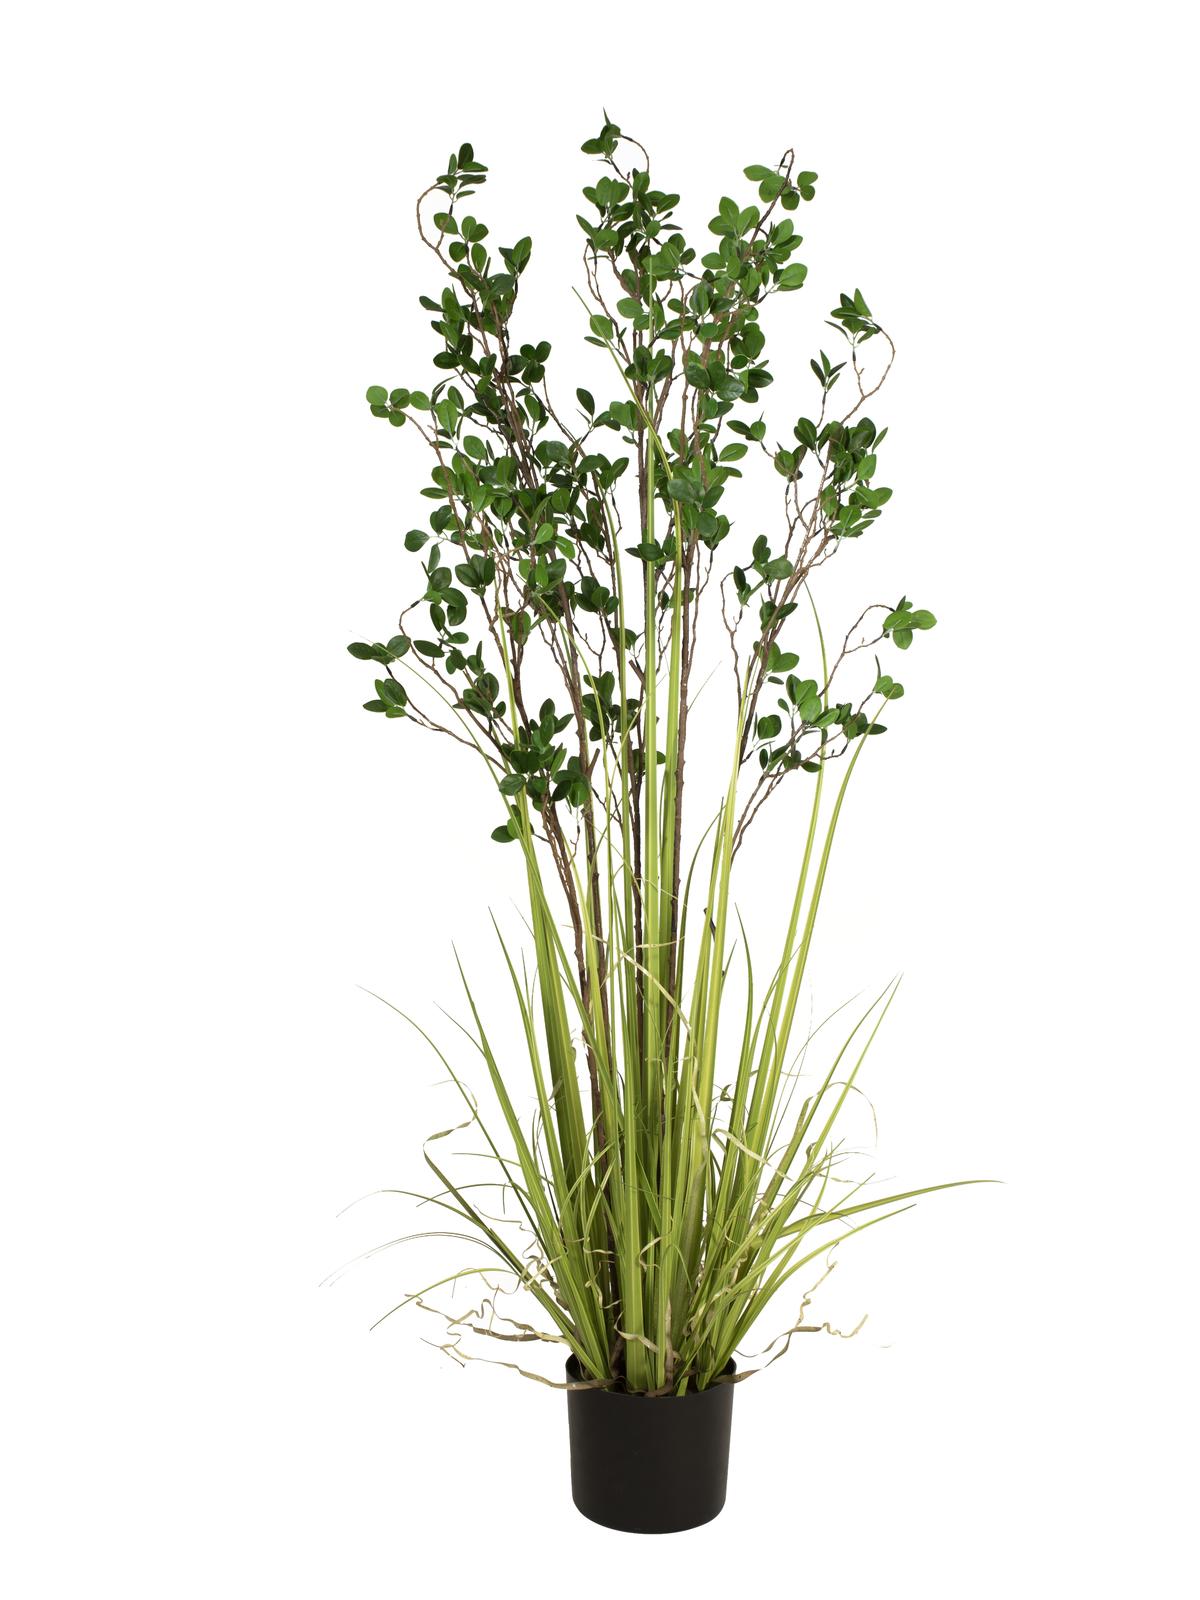 EUROPALMS Immergrünstrauch mit Gras, Kunstpflanze, 152 cm